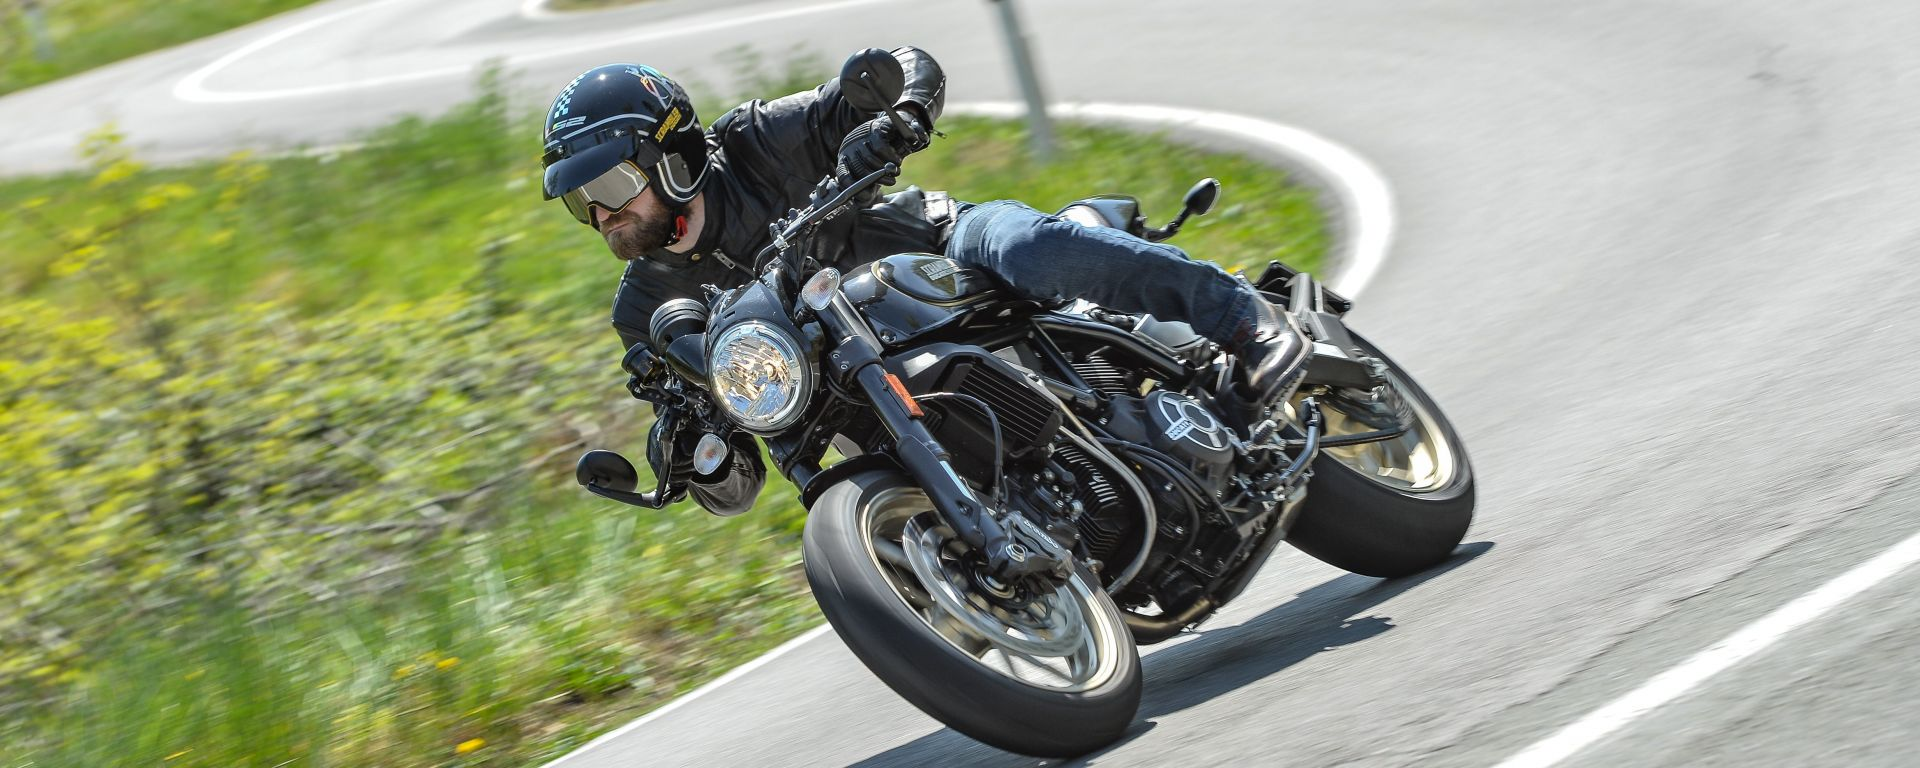 Prova Video: Ducati Scrambler Café Racer: prova, caratteristiche, prezzo [VIDEO] - MotorBox